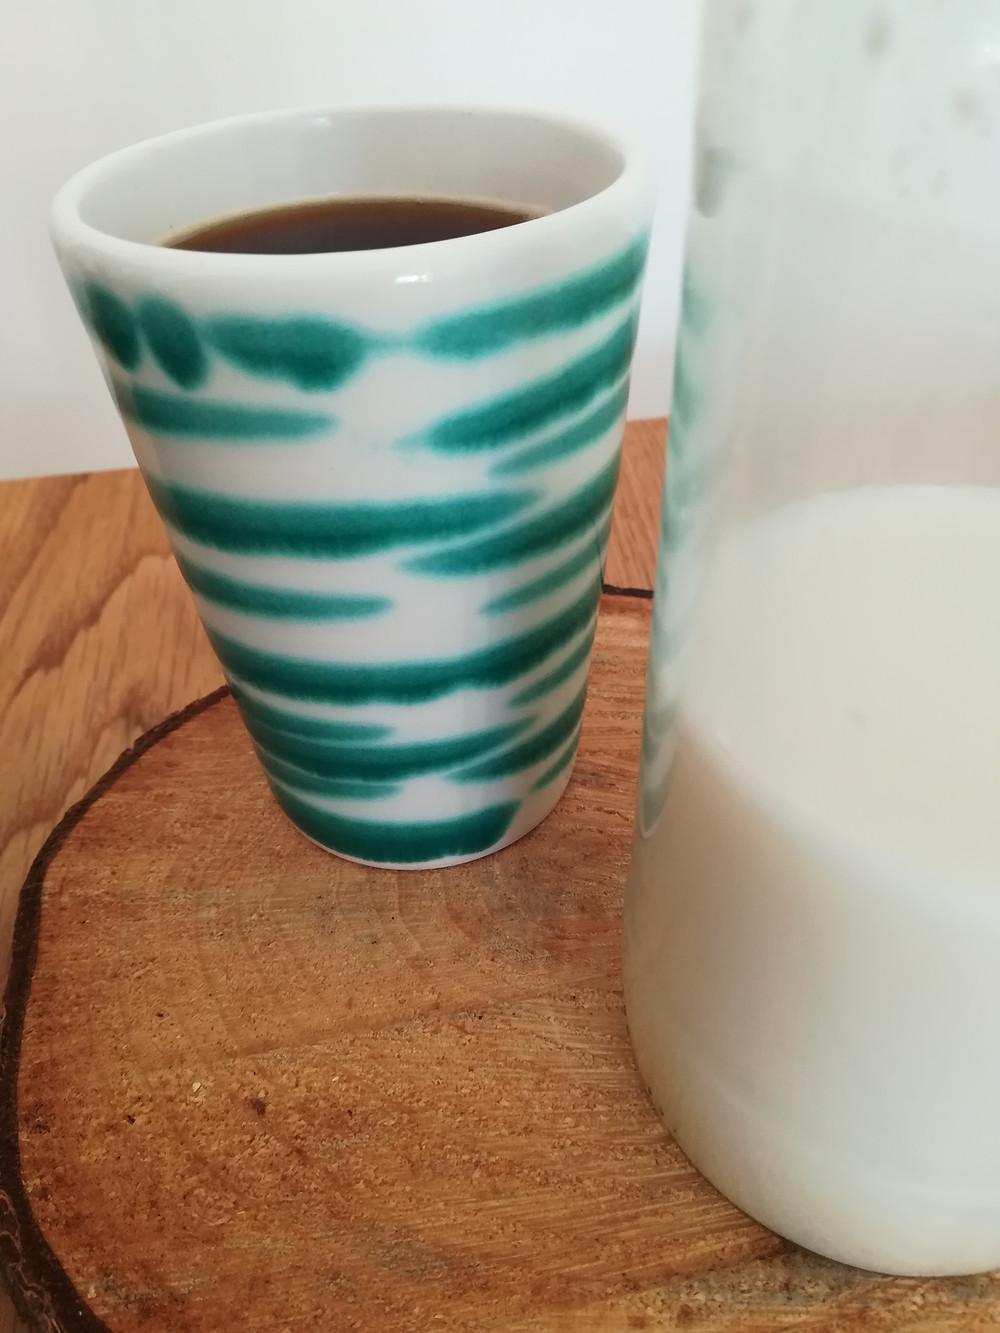 Pflanzenmilch selber machen geht ganz einfach - Cashewmilch